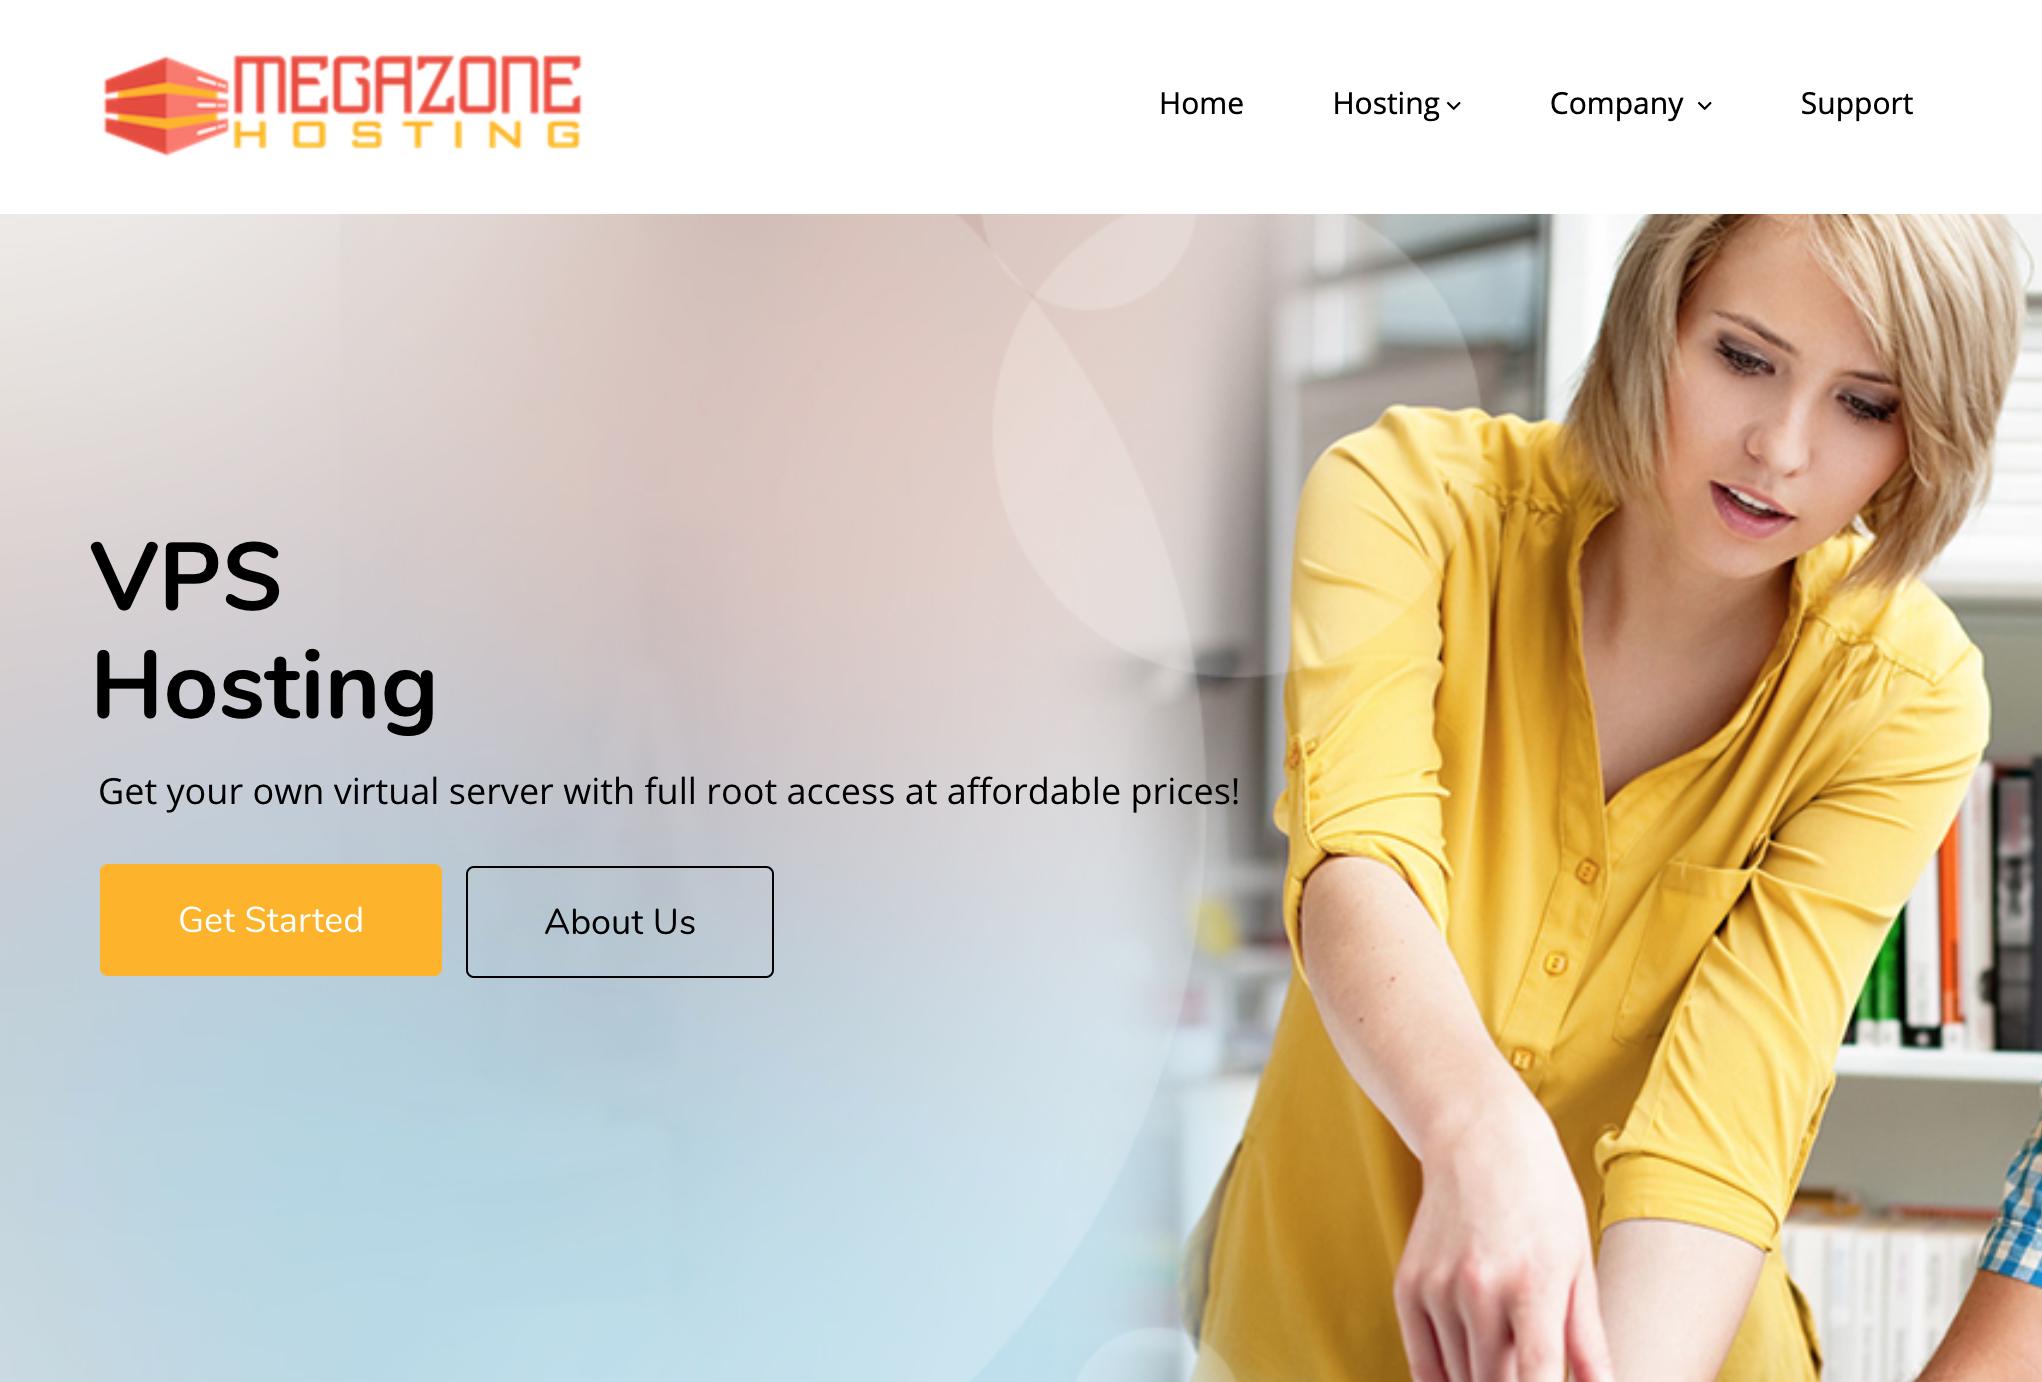 MegaZoneHosting 年付21美元SSD VPS,芝加哥、水牛城数据中心,支持PayPal付款,MegaZoneHosting优惠码